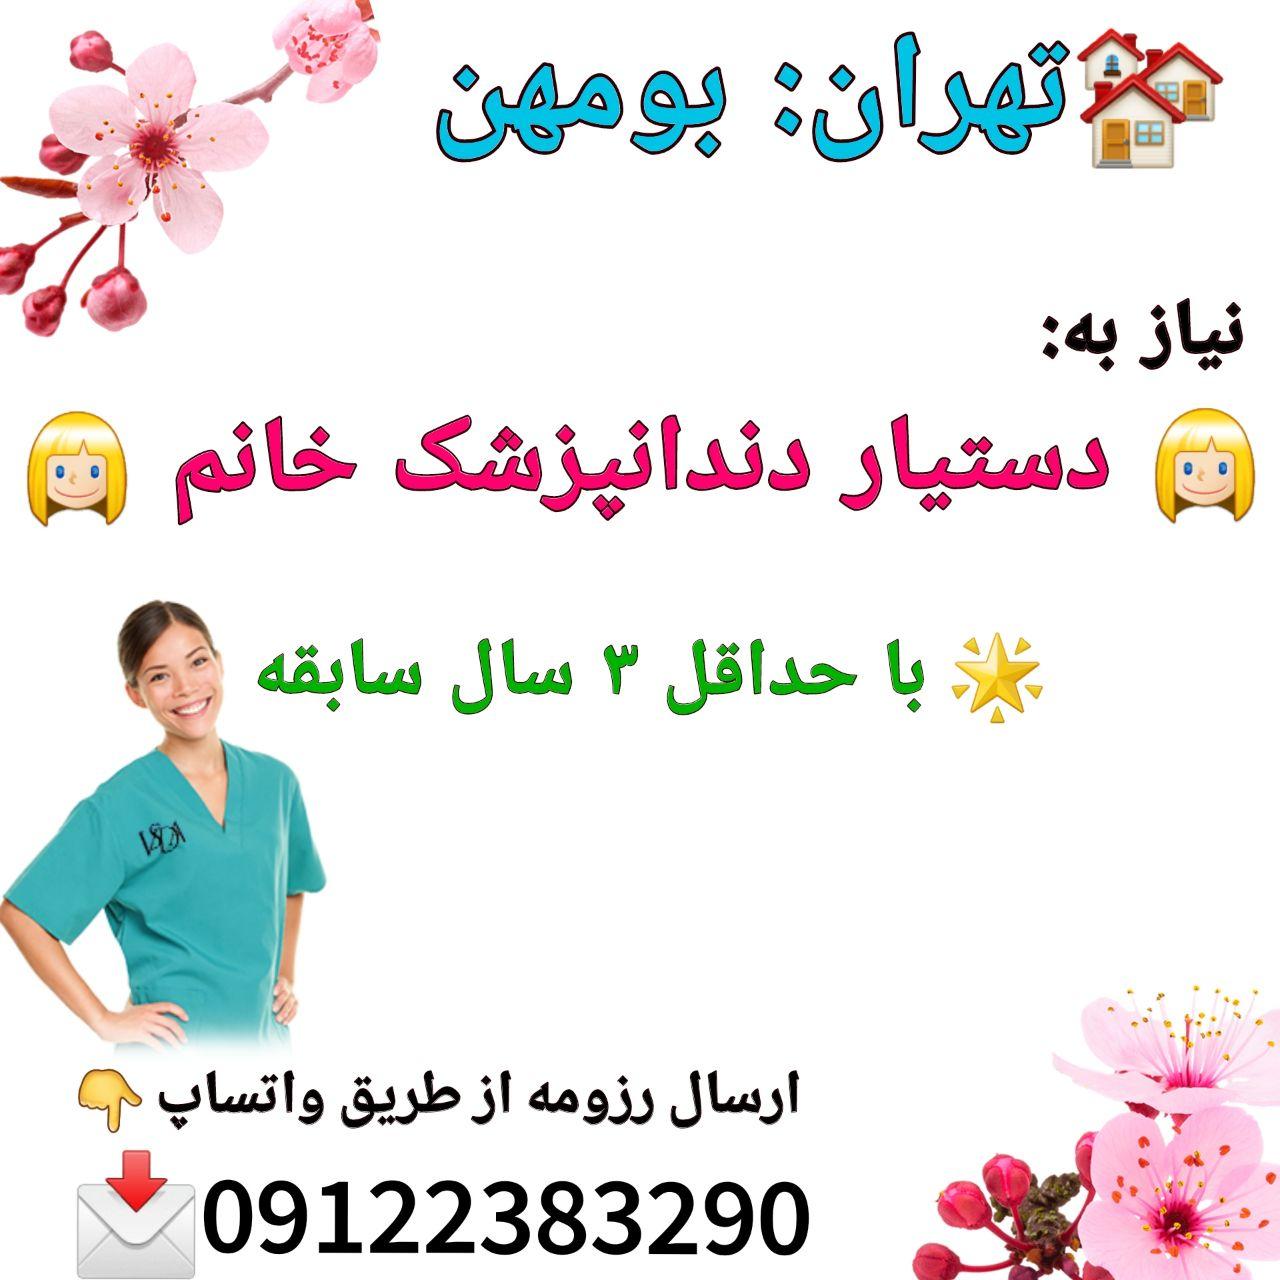 تهران: بومهن، نیاز به دستیار دندانپزشک خانم